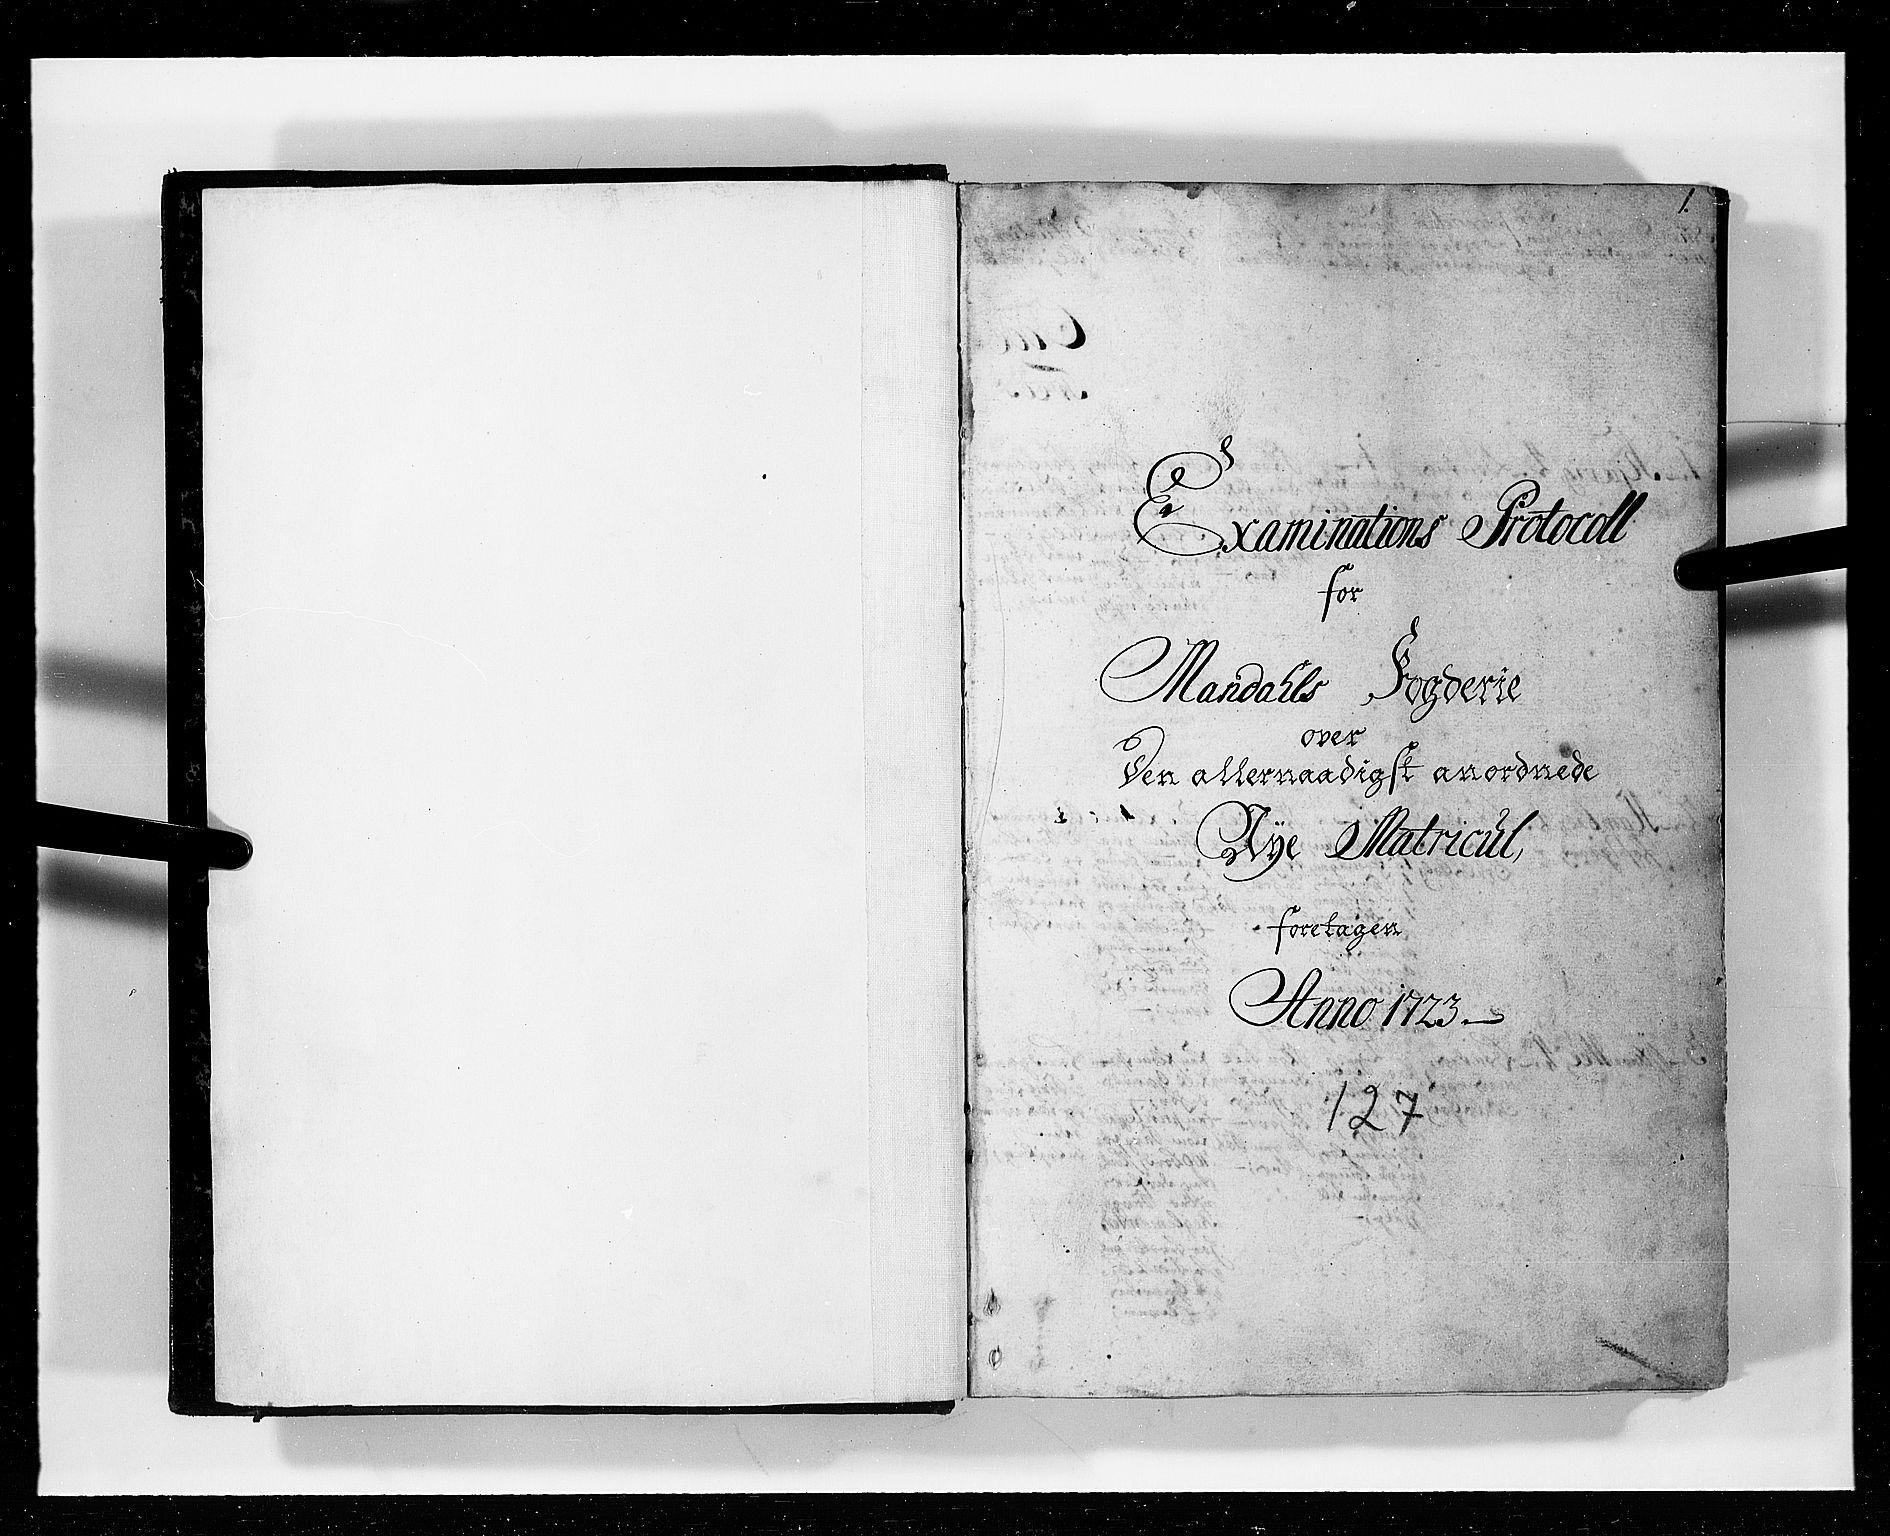 RA, Rentekammeret inntil 1814, Realistisk ordnet avdeling, N/Nb/Nbf/L0127: Mandal eksaminasjonsprotokoll, 1723, s. 1a